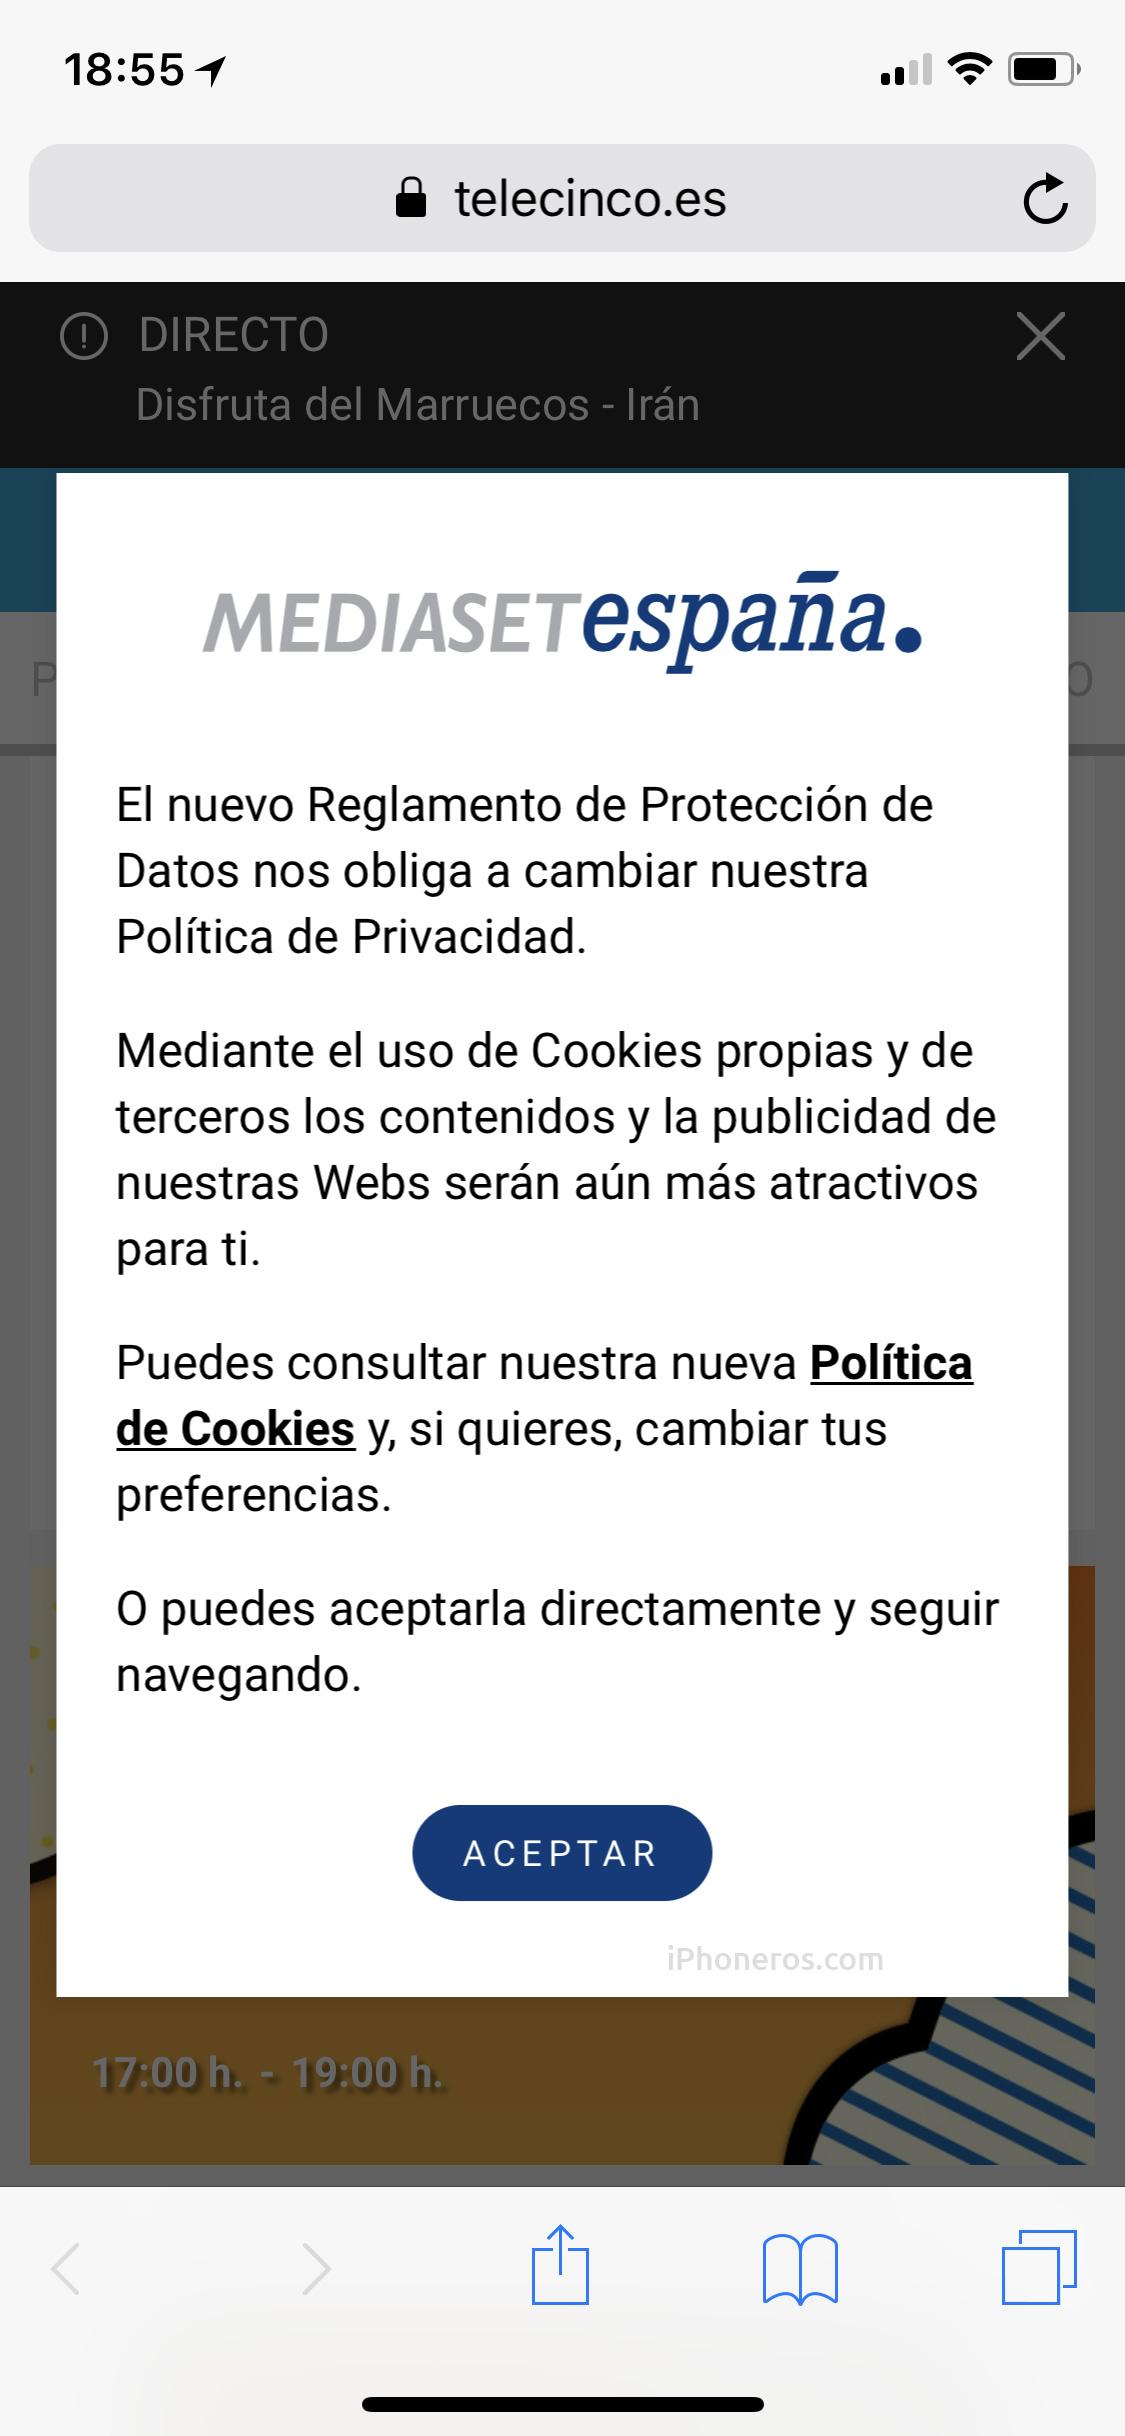 Aviso de privacidad de Telecinco